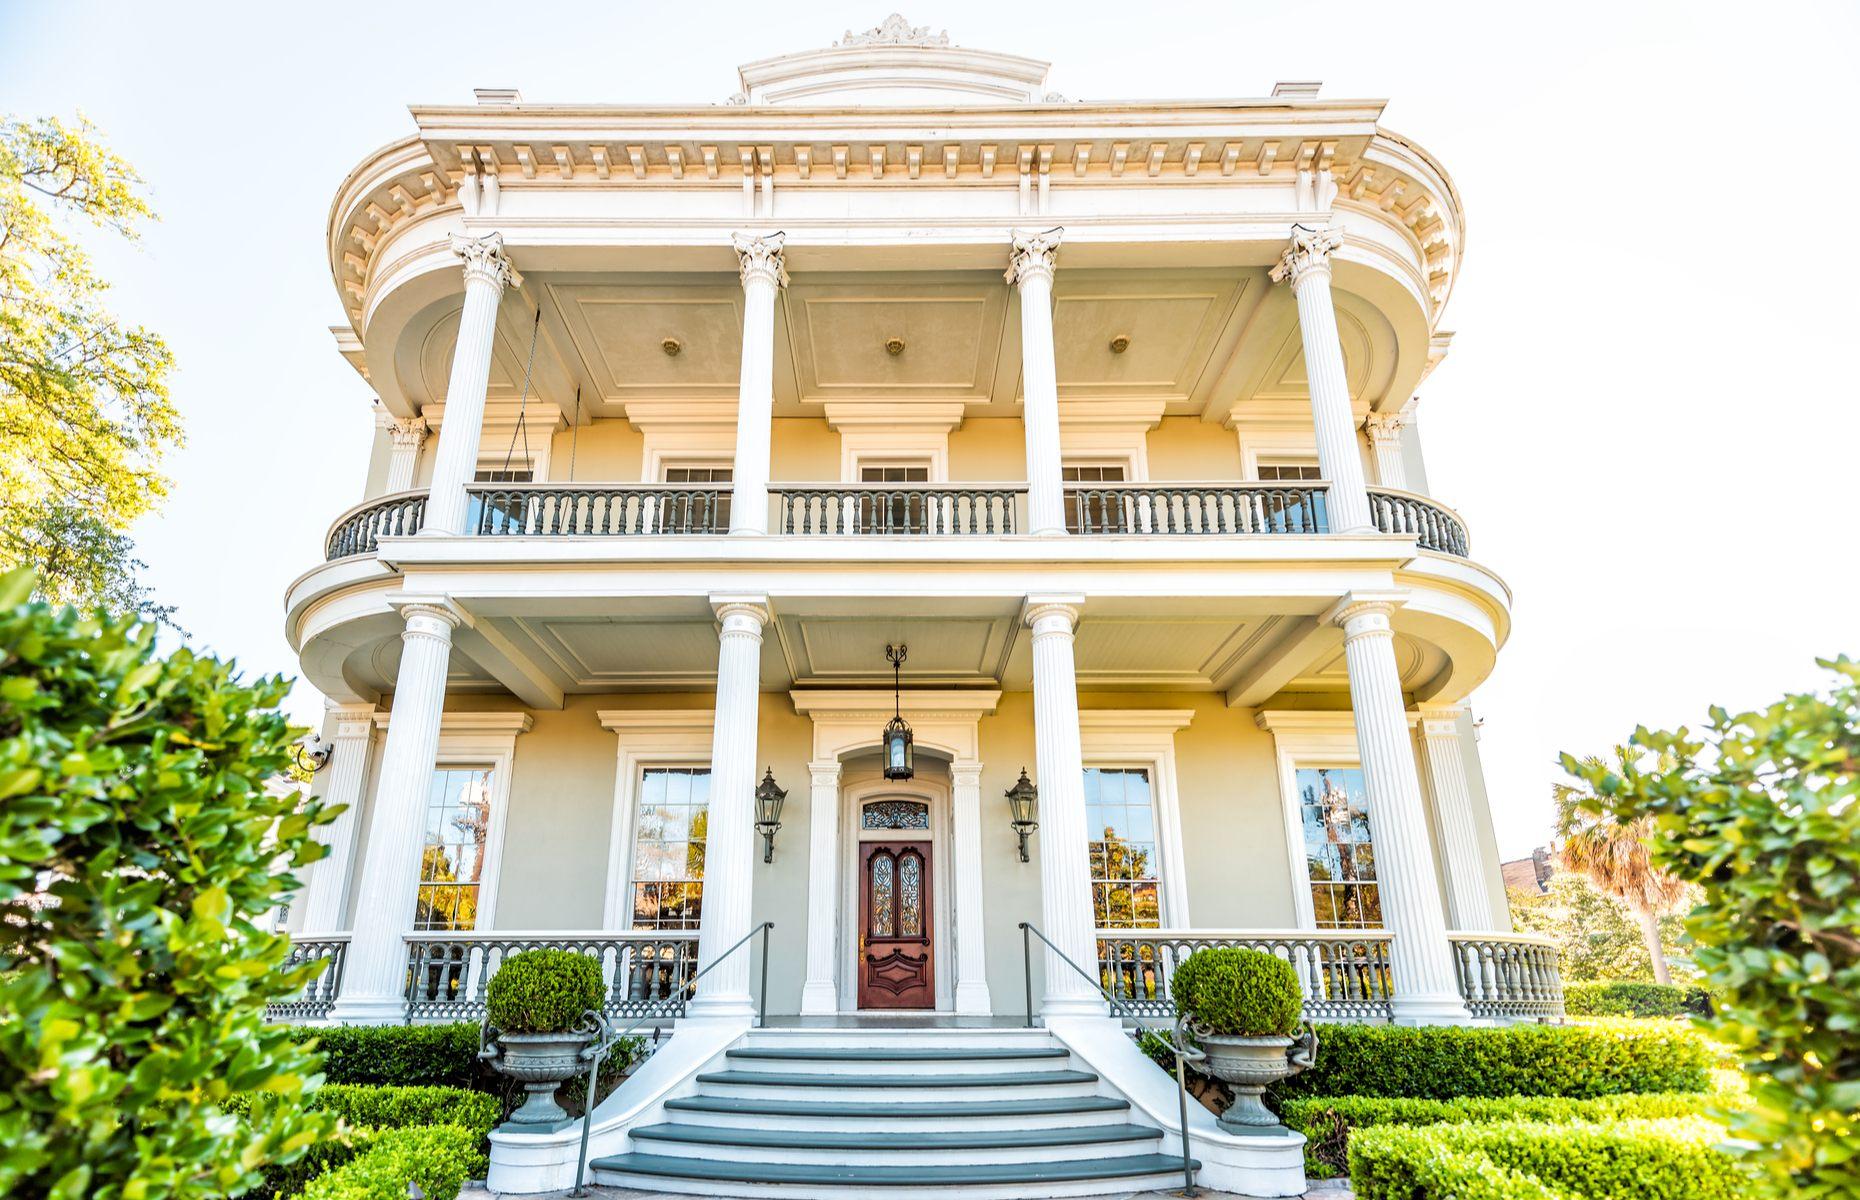 House in New Orleans (image: Kristi Blokhin/Shutterstock